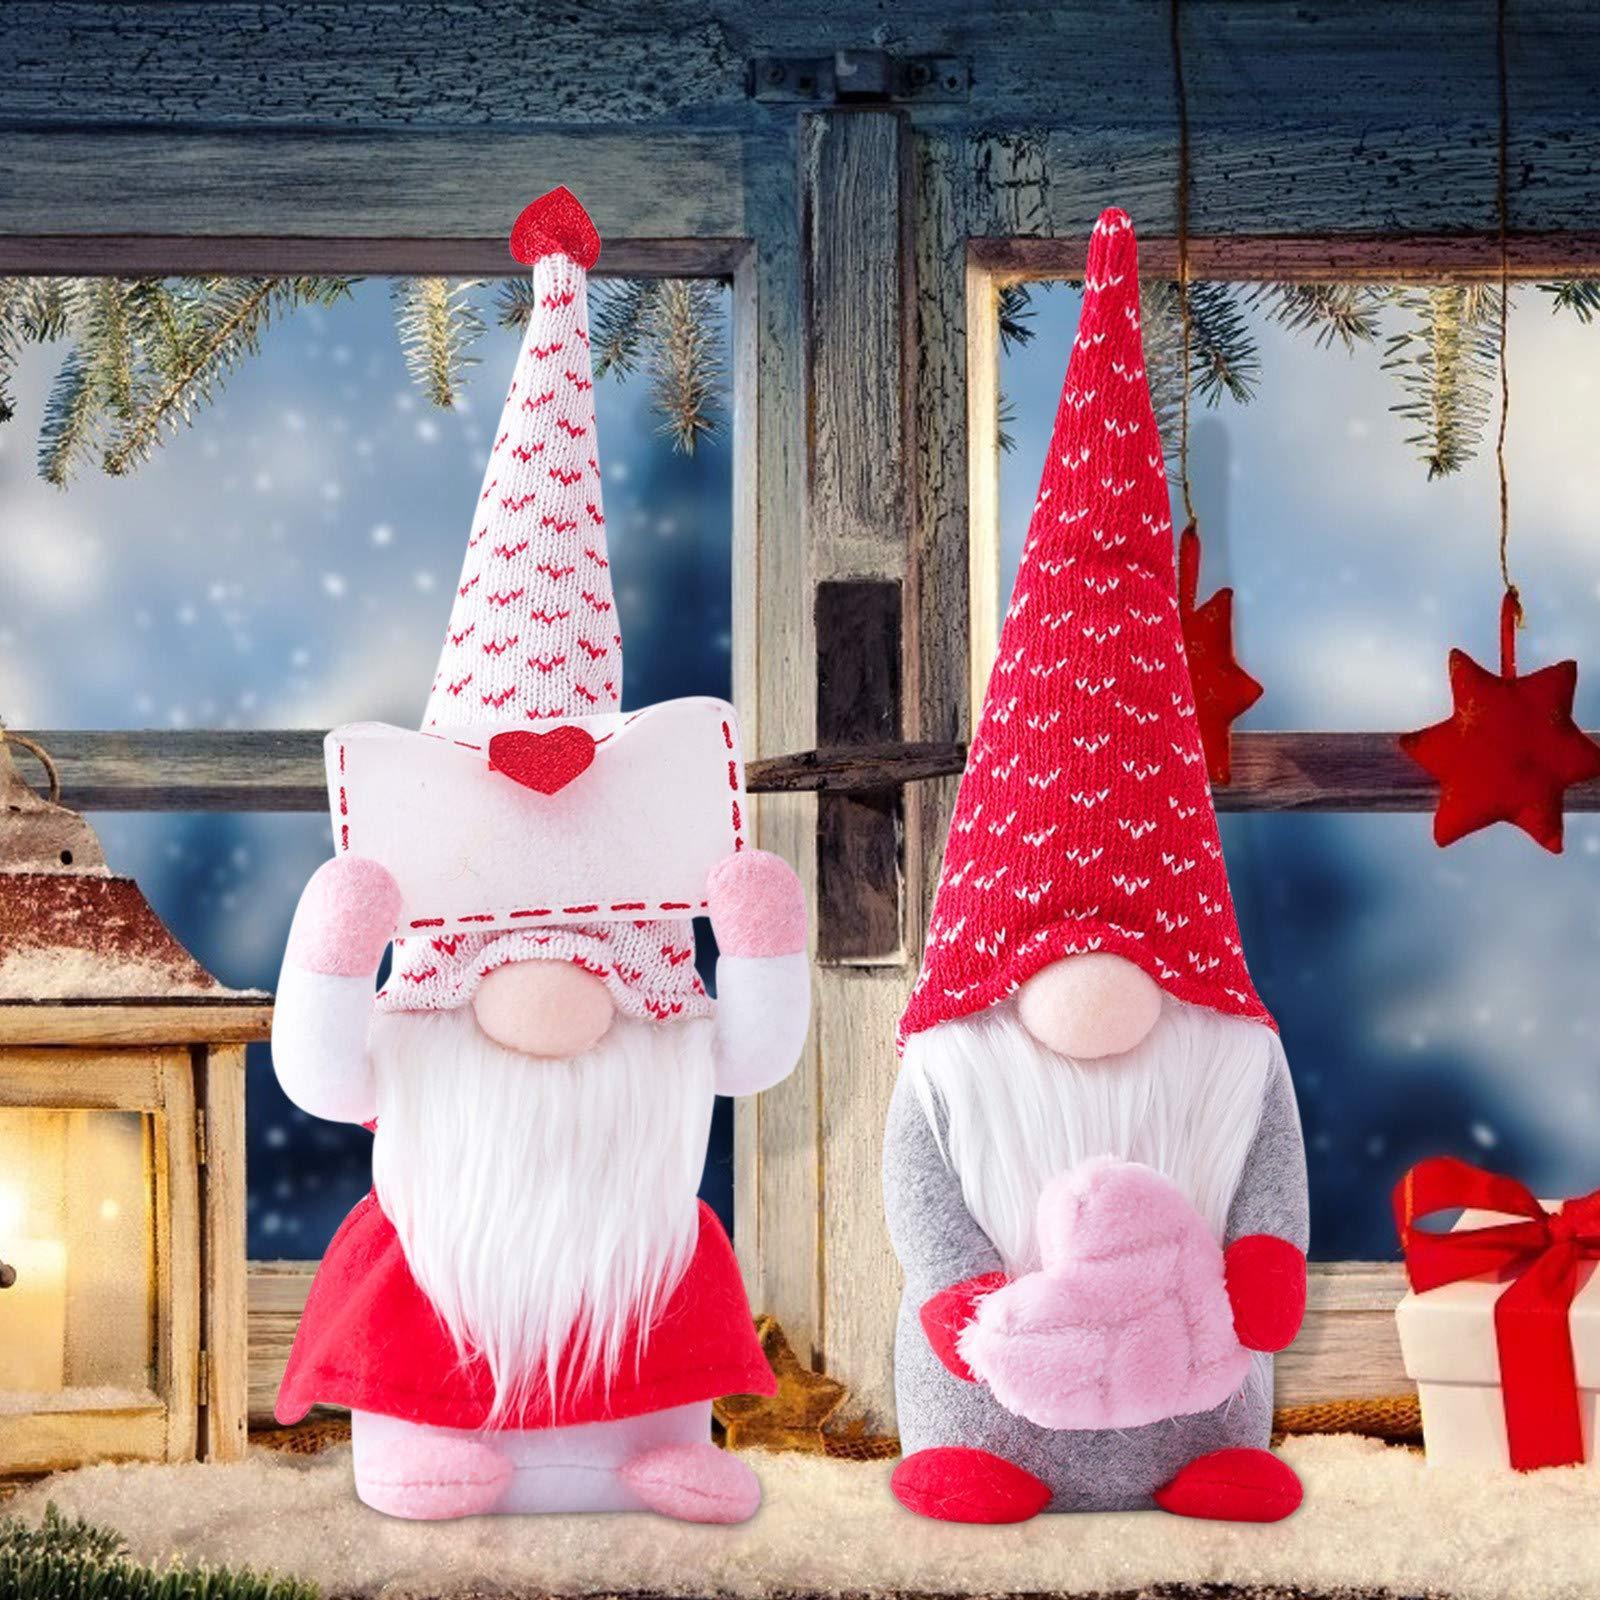 Dia dos namorados Decorações de gnome, boneca de pelúcia de elfo artesanal, Sr. e Sra. Scandinavian Tomte para o ornamento da mesa do dia dos namorados, presentes dos namorados